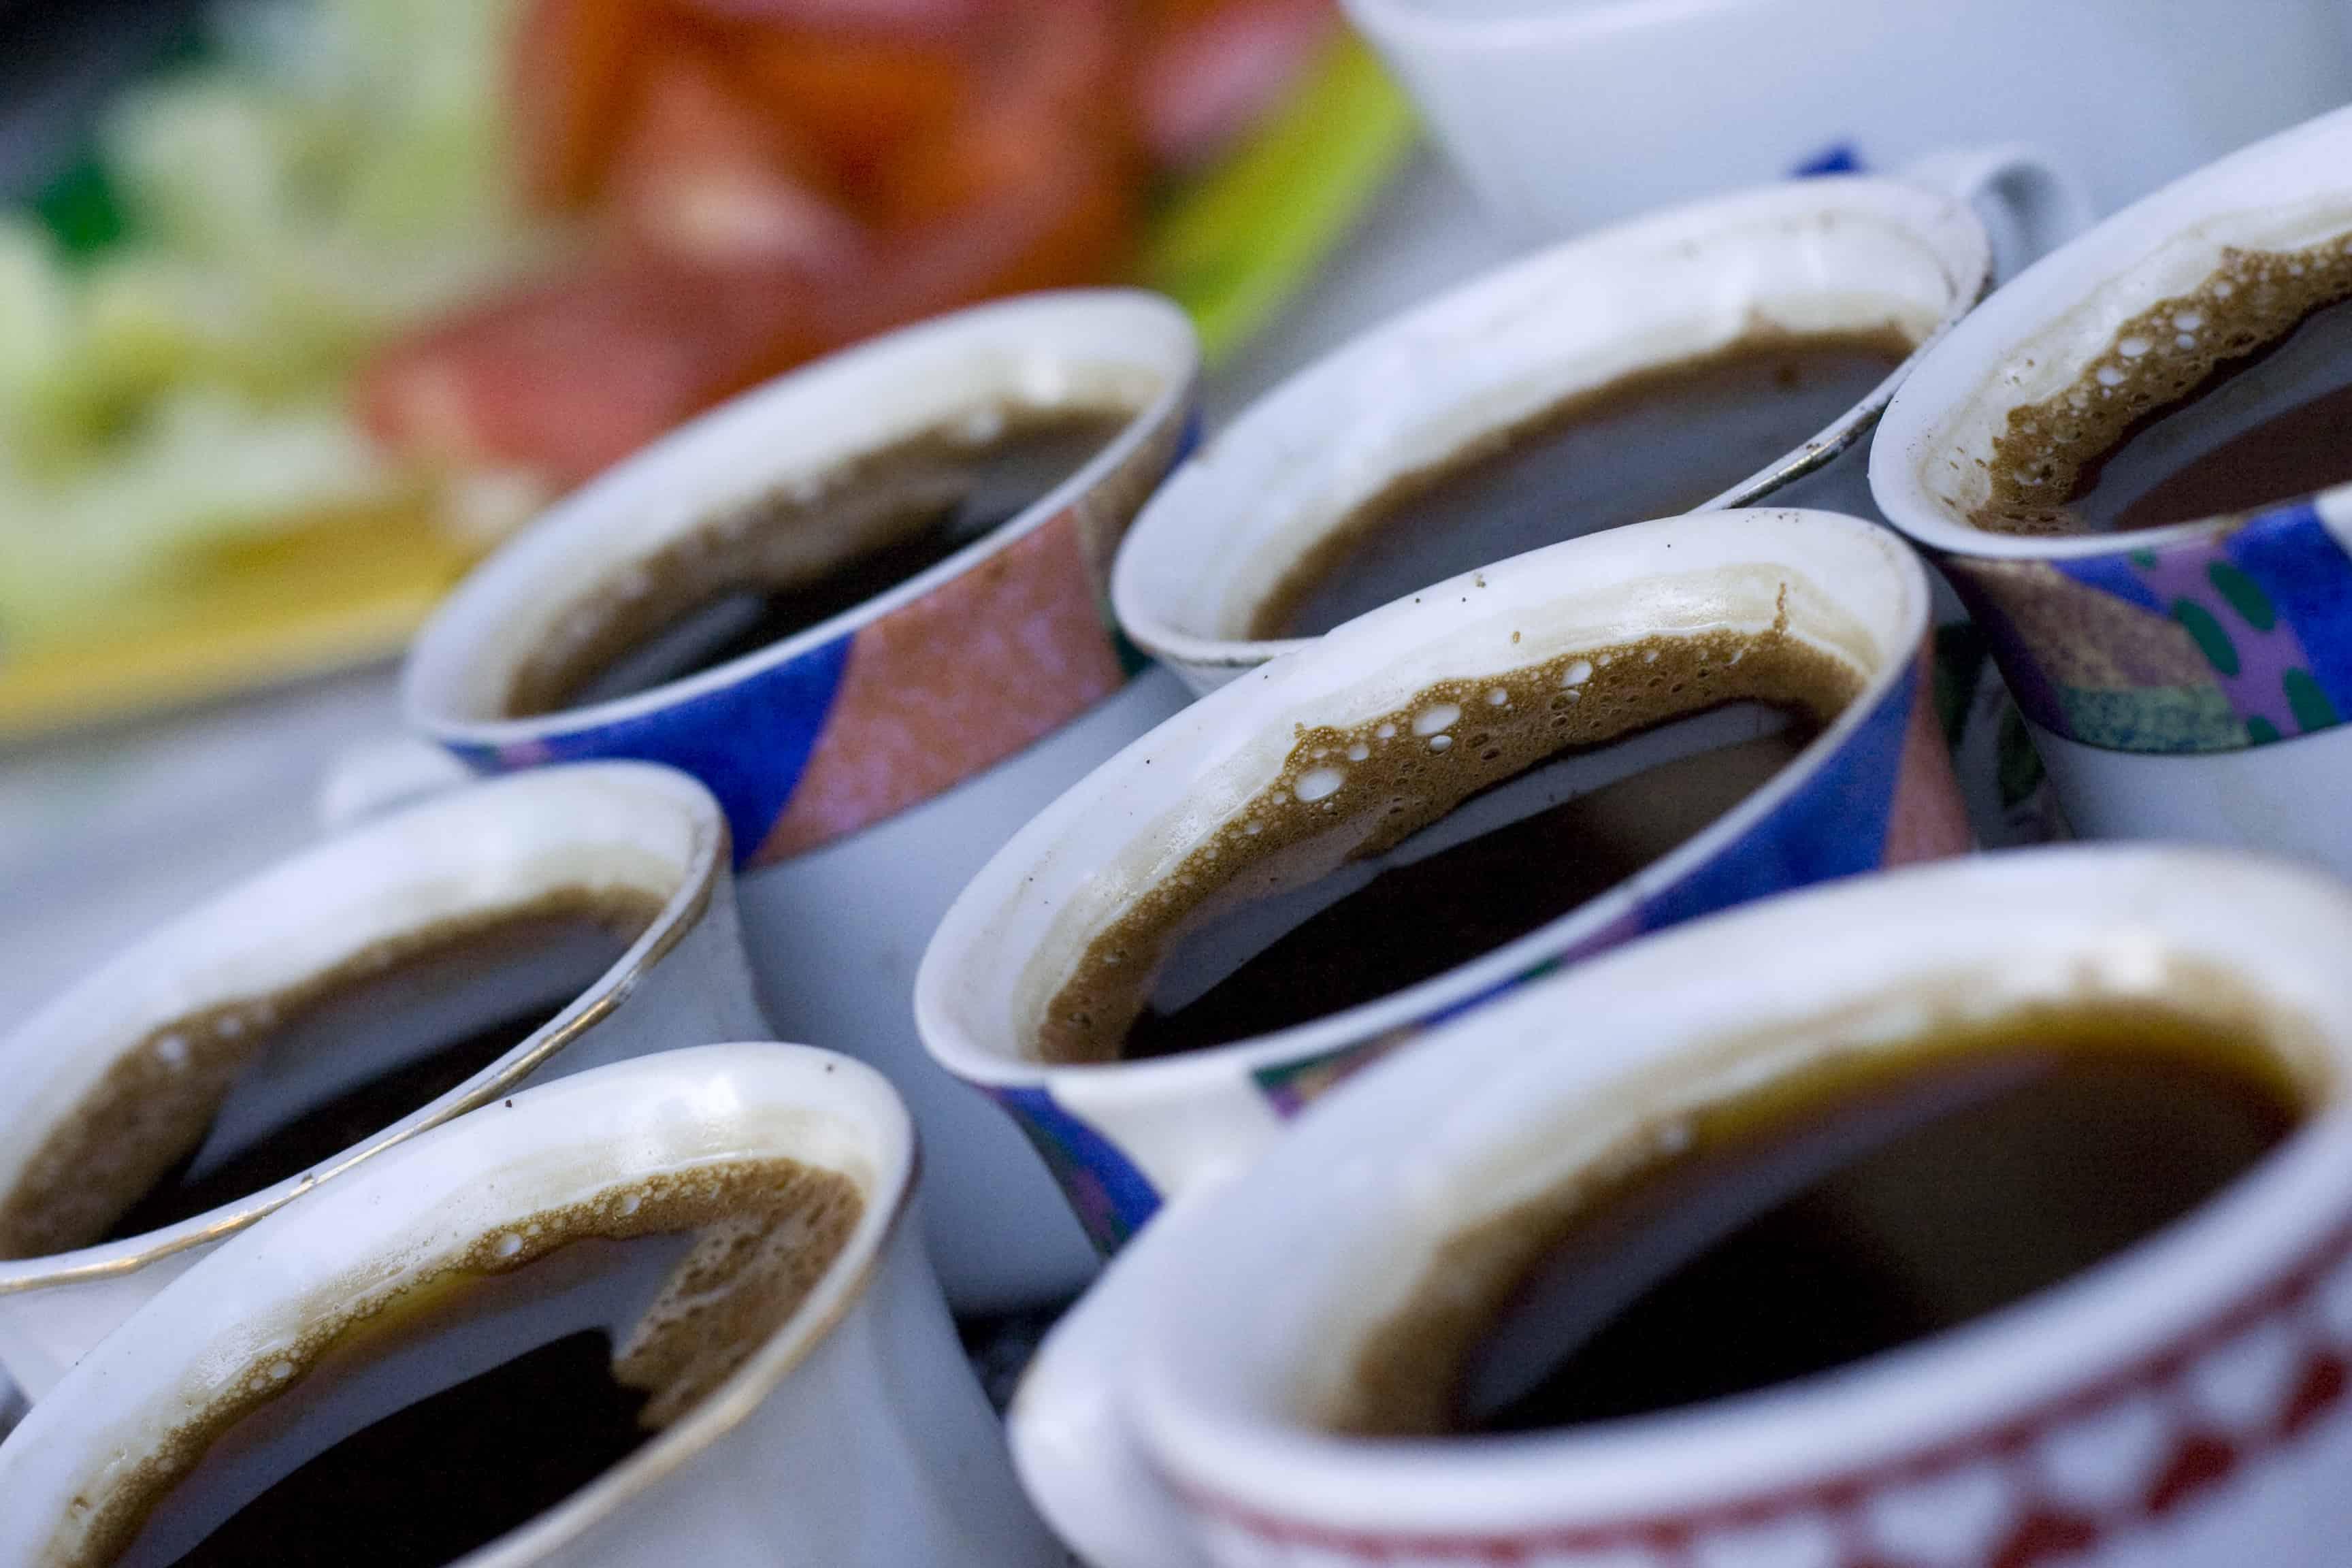 סינתיה של סאיקו- הדור החדש בעולם מכונות הקפה הביתיות